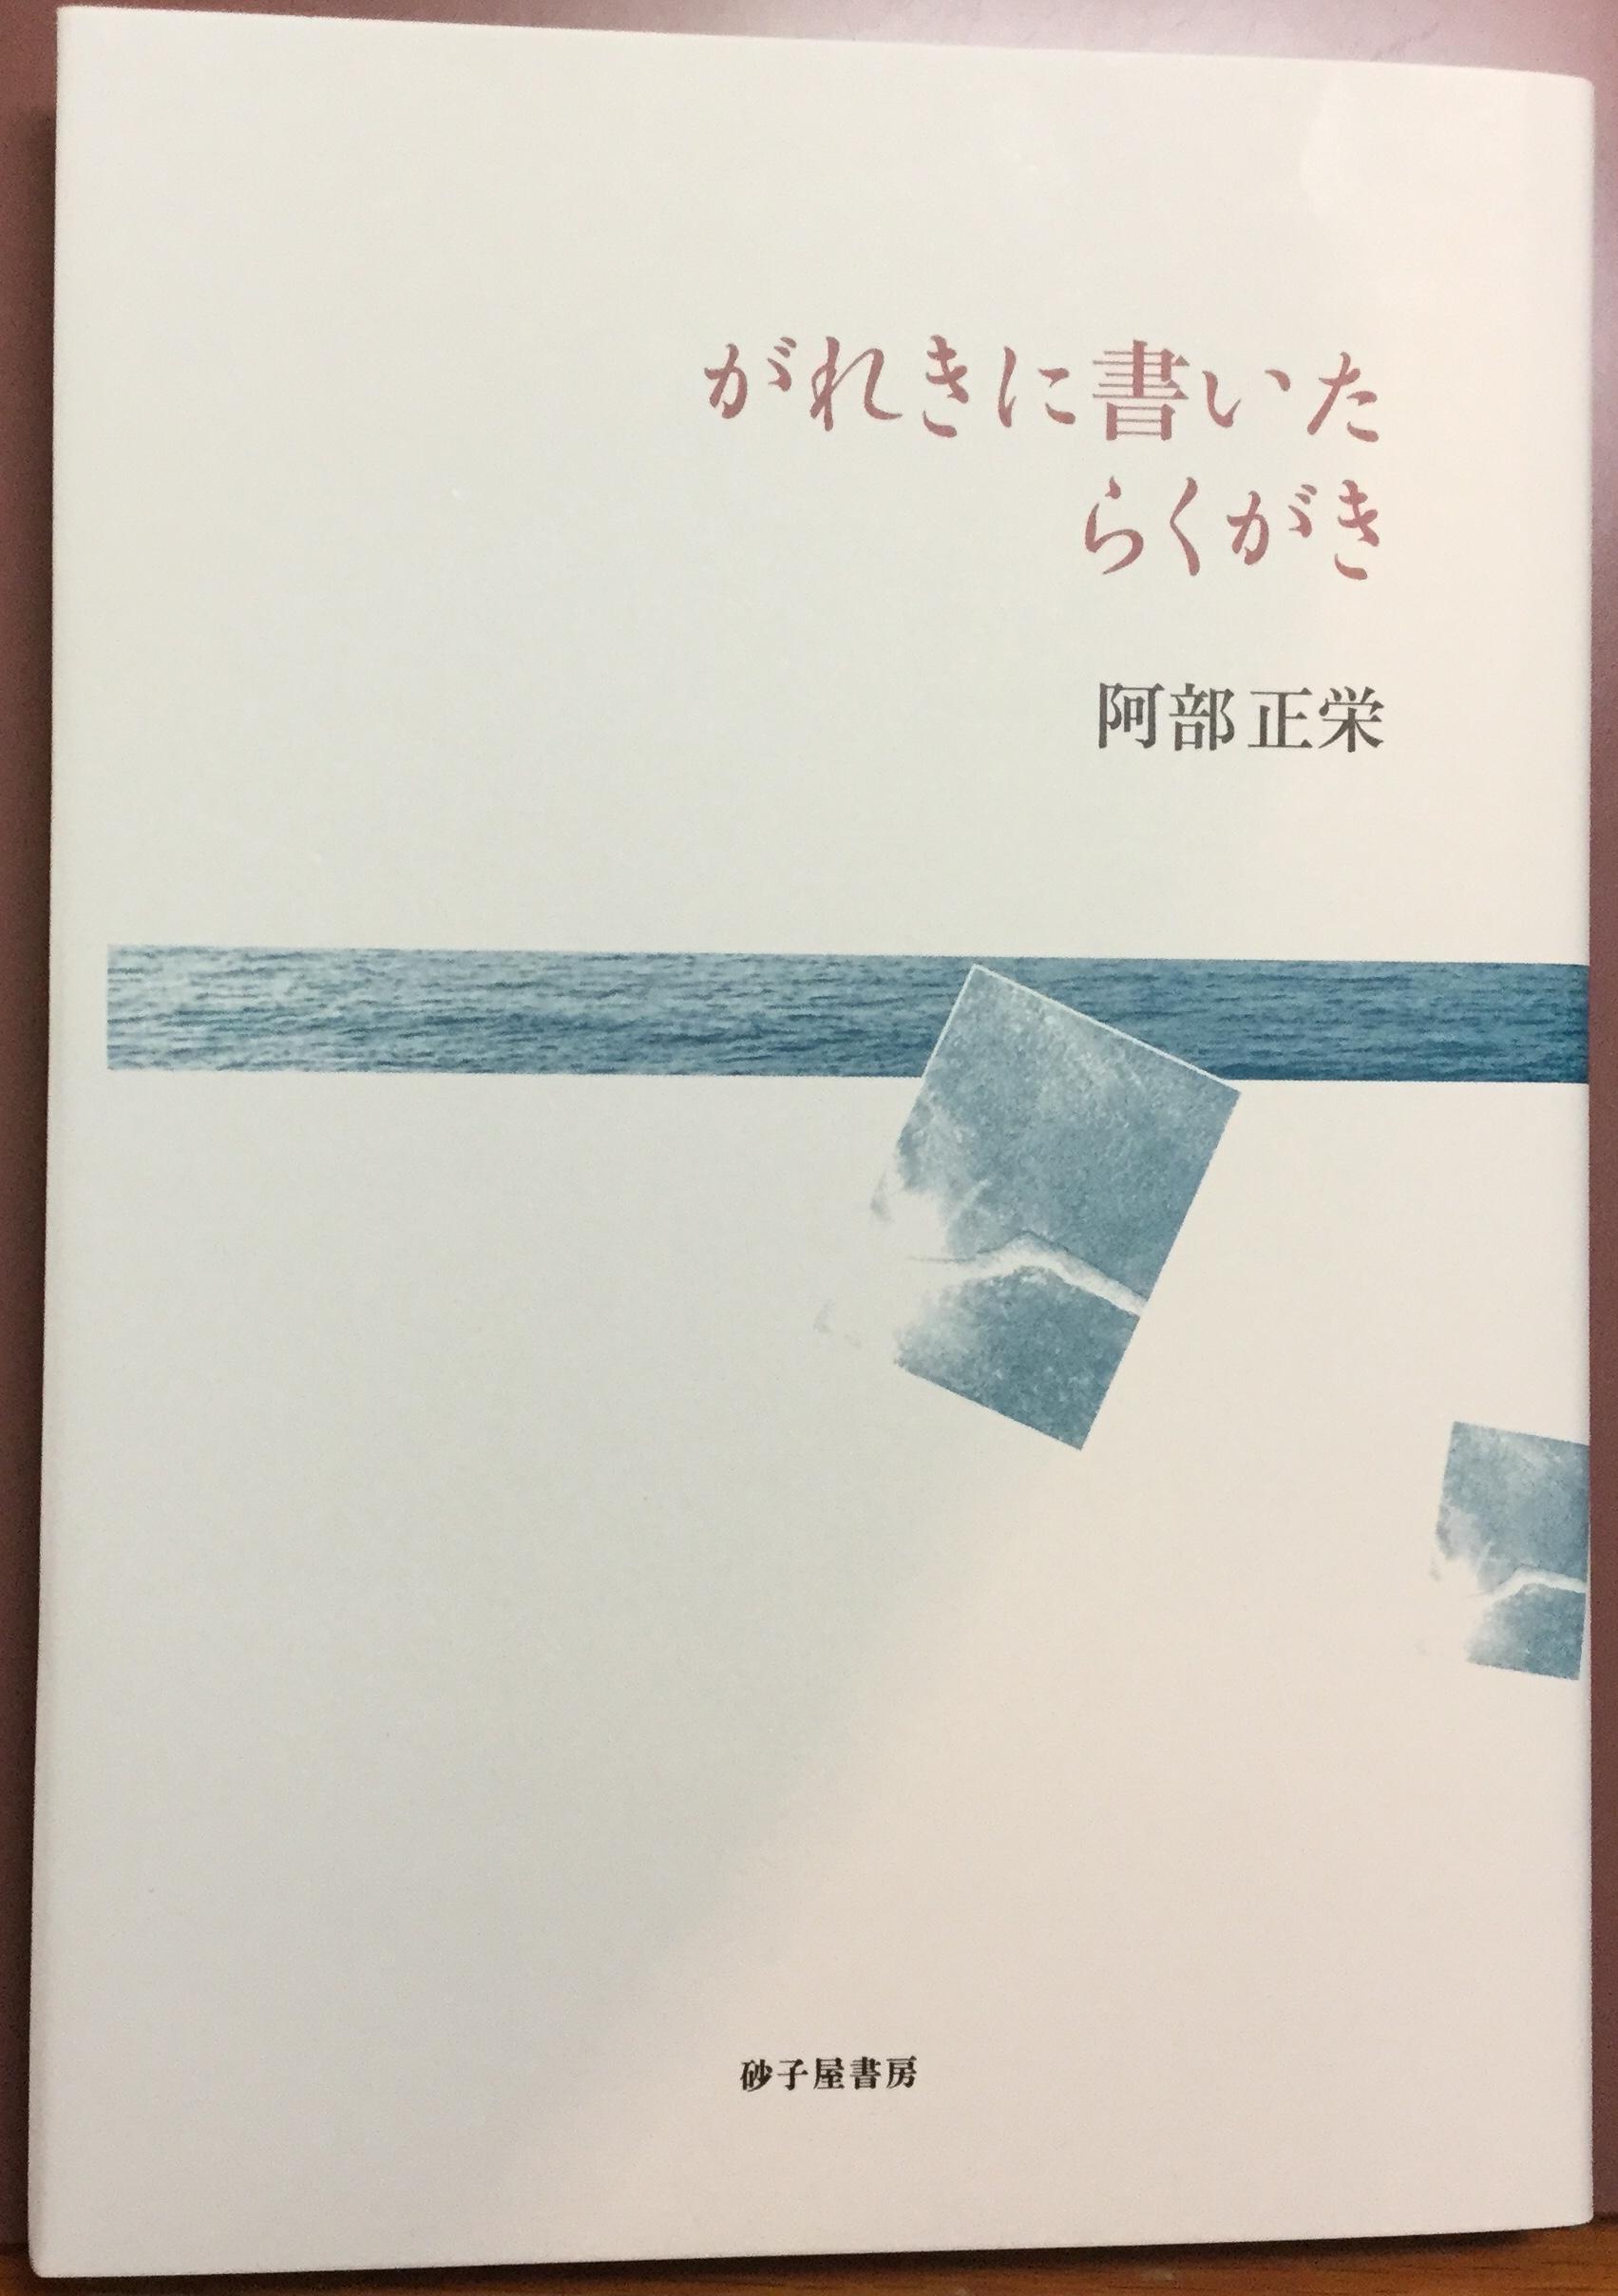 購入しようと思っていた阿部さんの著書、ありがとうございます!